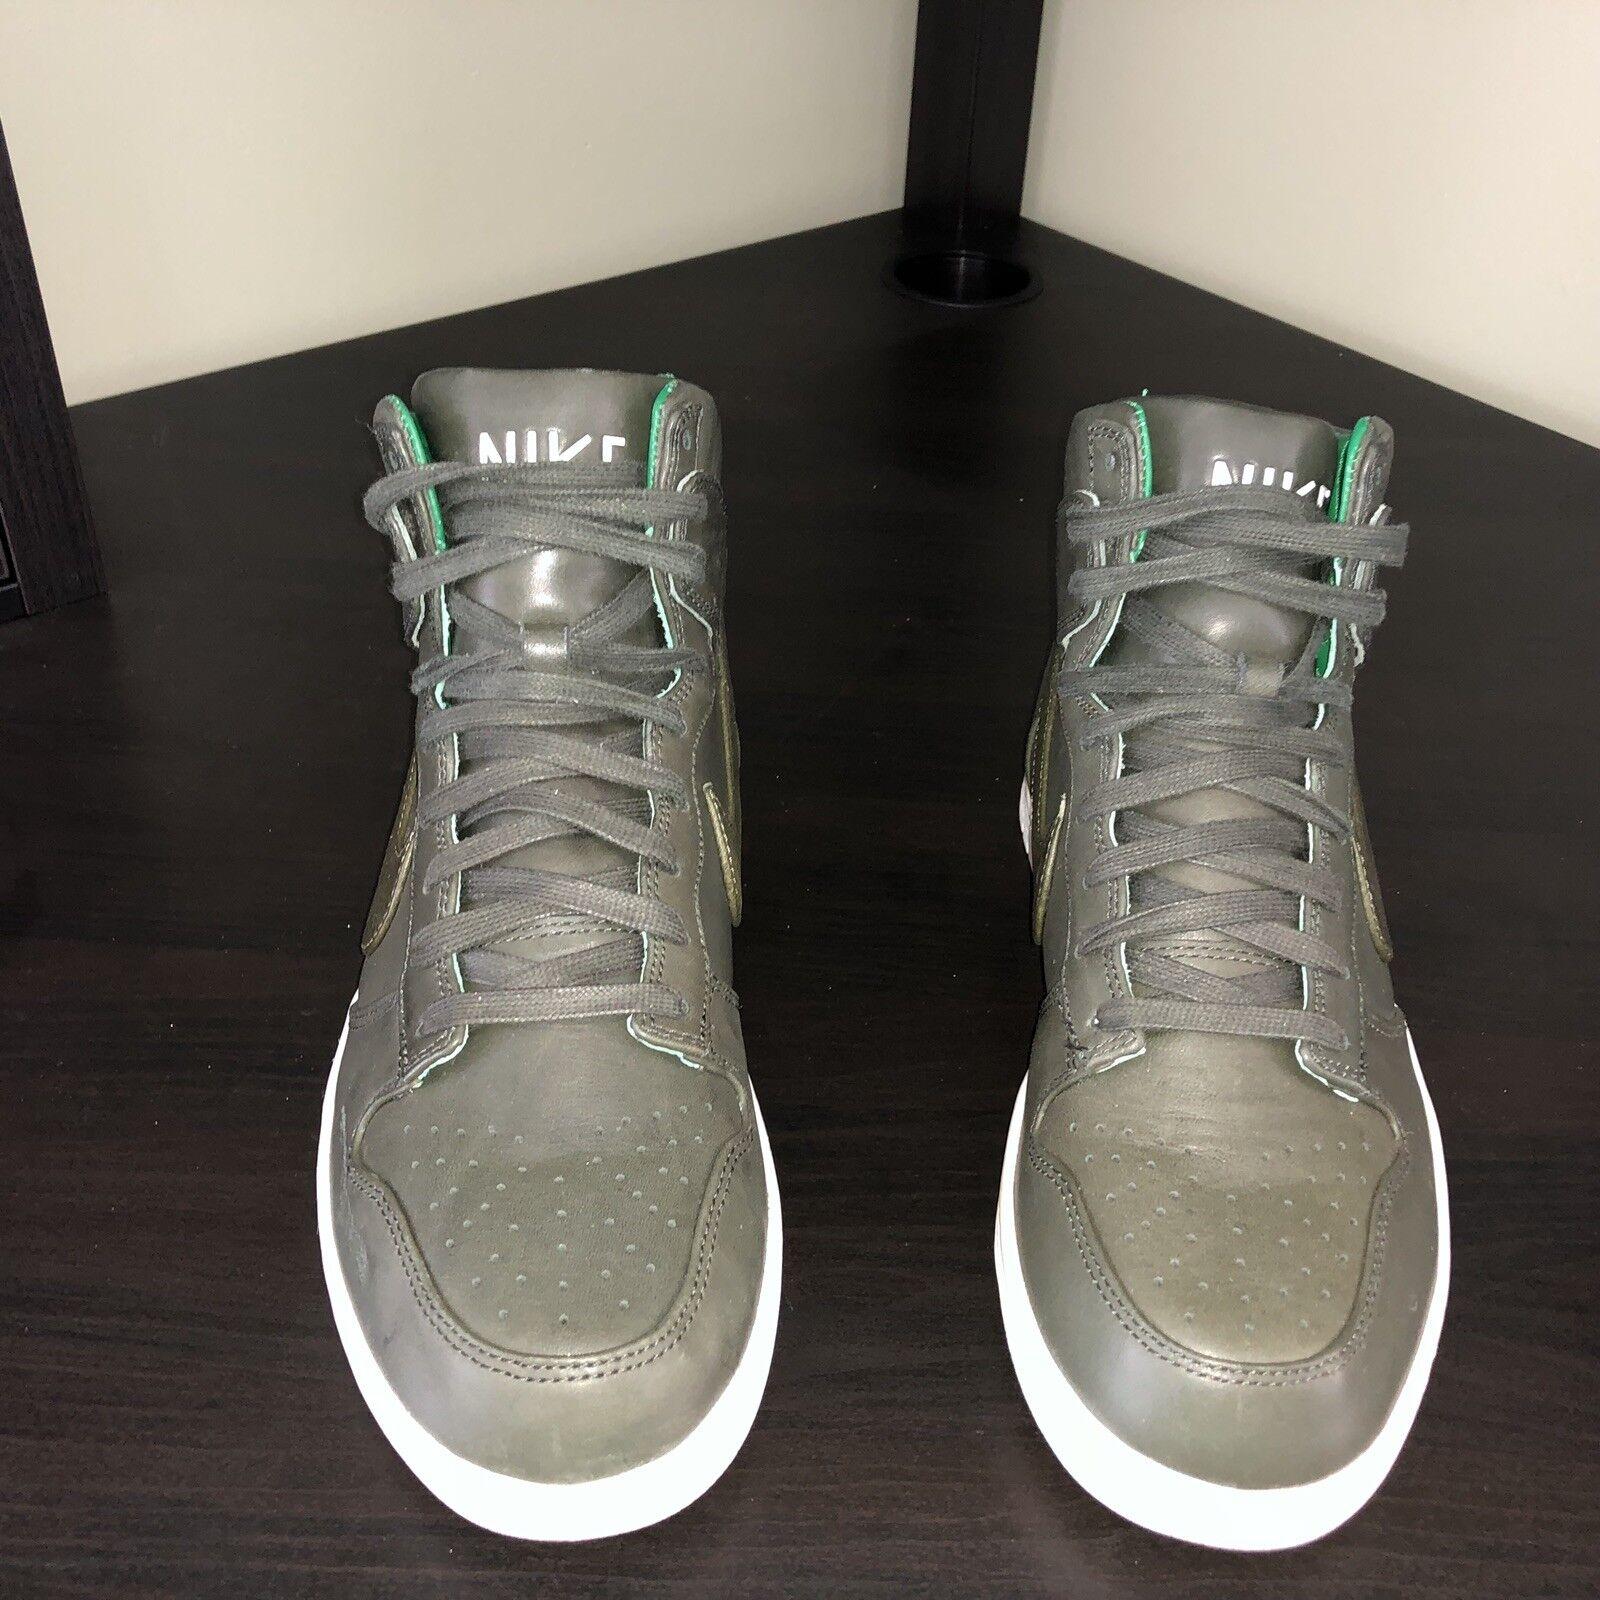 Nike TZ Dunk High Premium SP TZ Nike Sequoia cómodos zapatos nuevos para hombres y mujeres, el limitado tiempo de descuento 9a3169